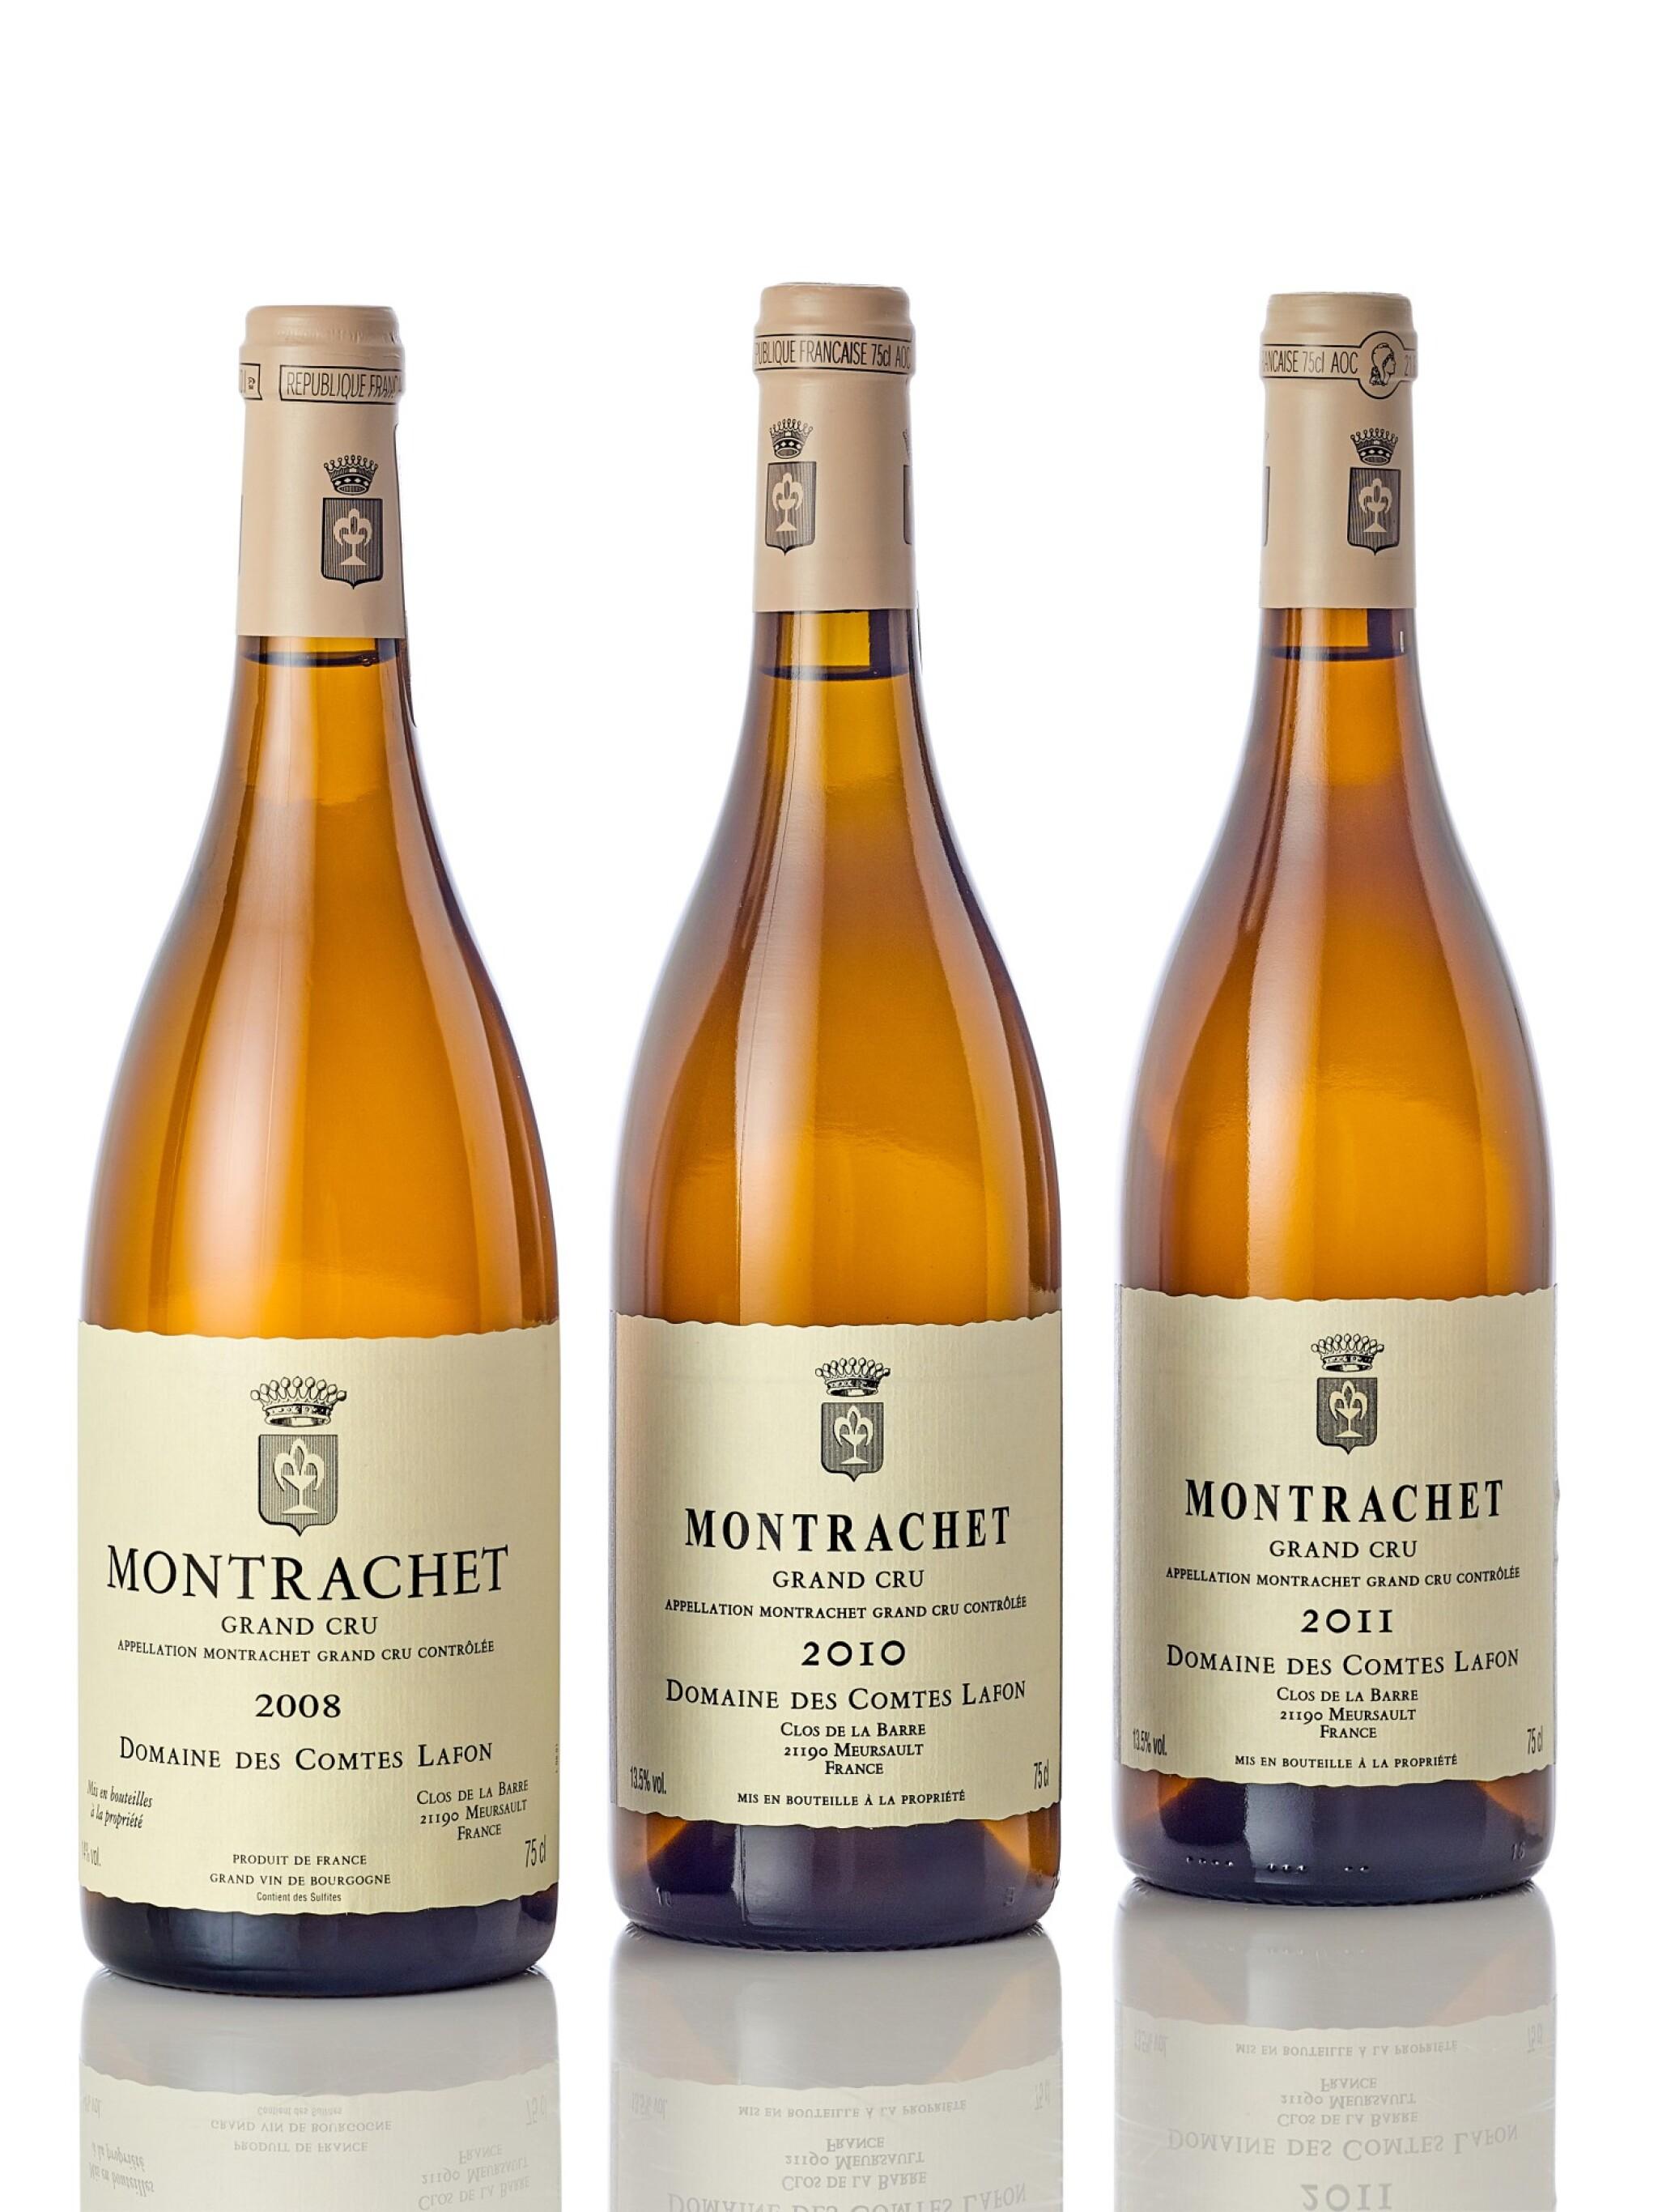 Montrachet 2011 Domaine des Comtes Lafon (4 BT)